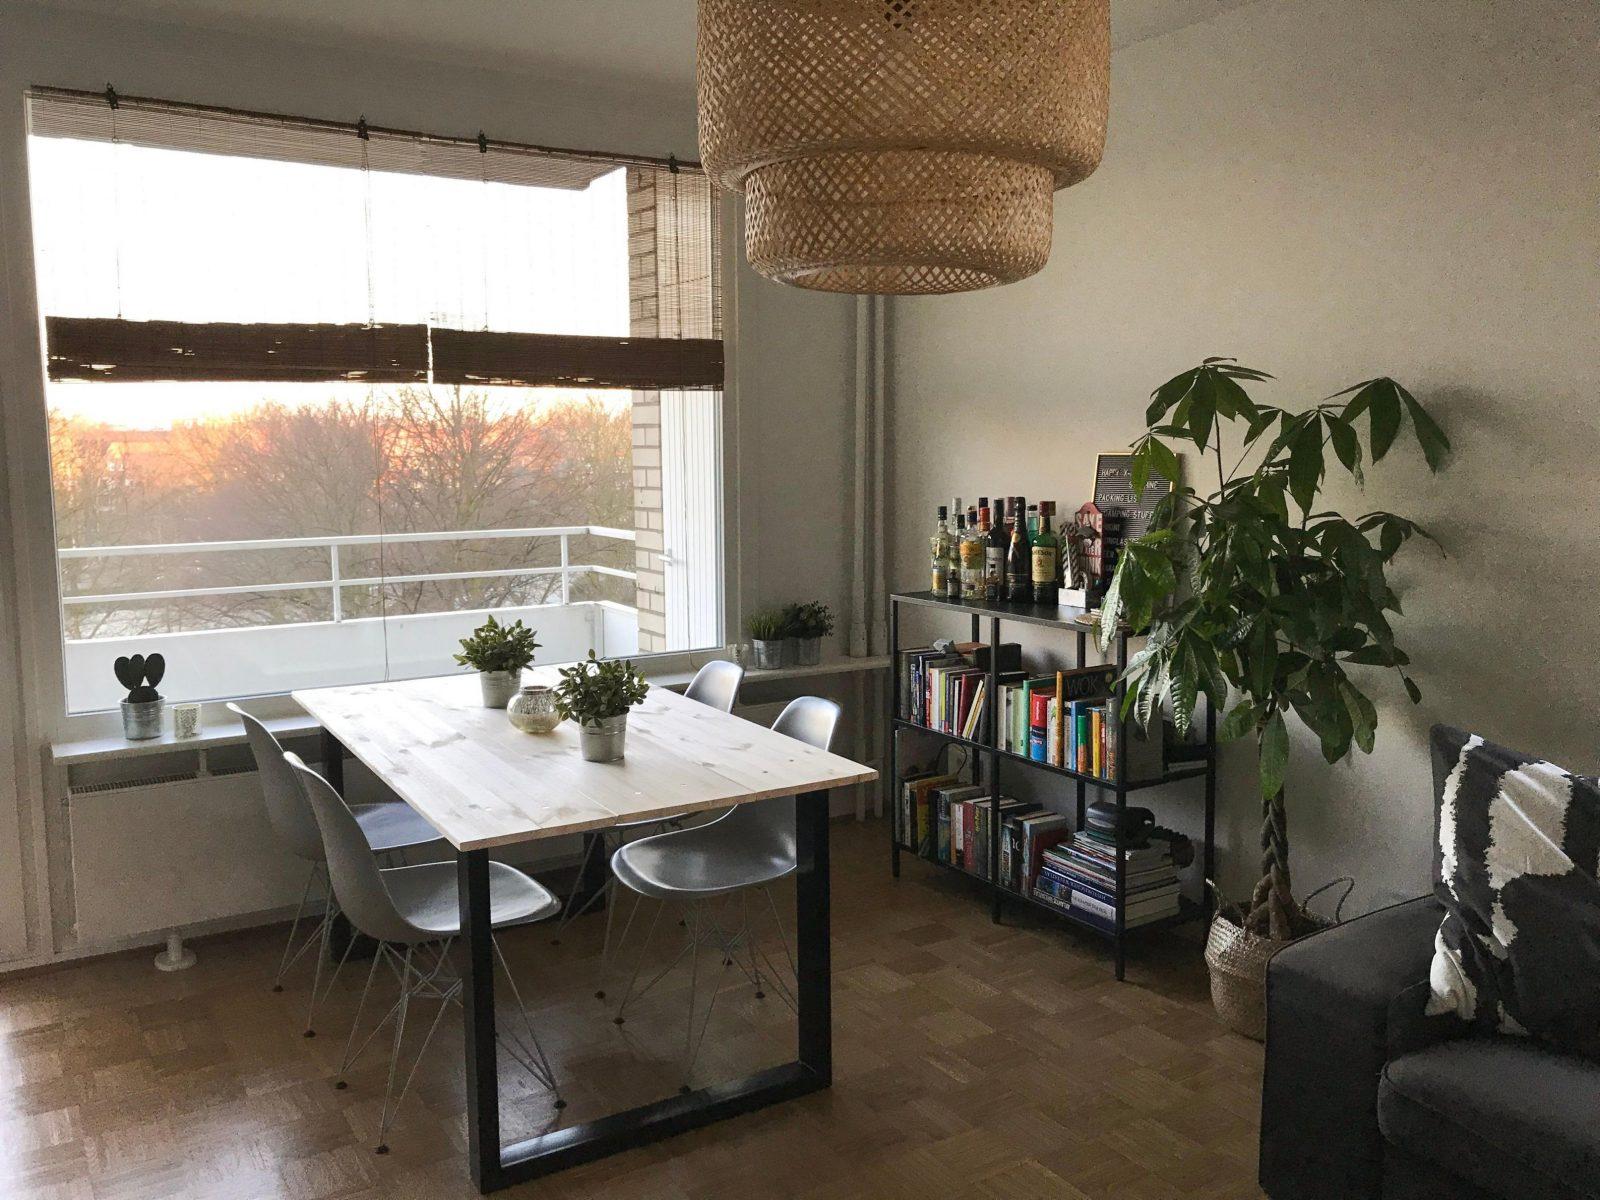 Hausbarideen So Gestaltest Du Deinen Loungebereich von Kleine Bar Fürs Wohnzimmer Bild